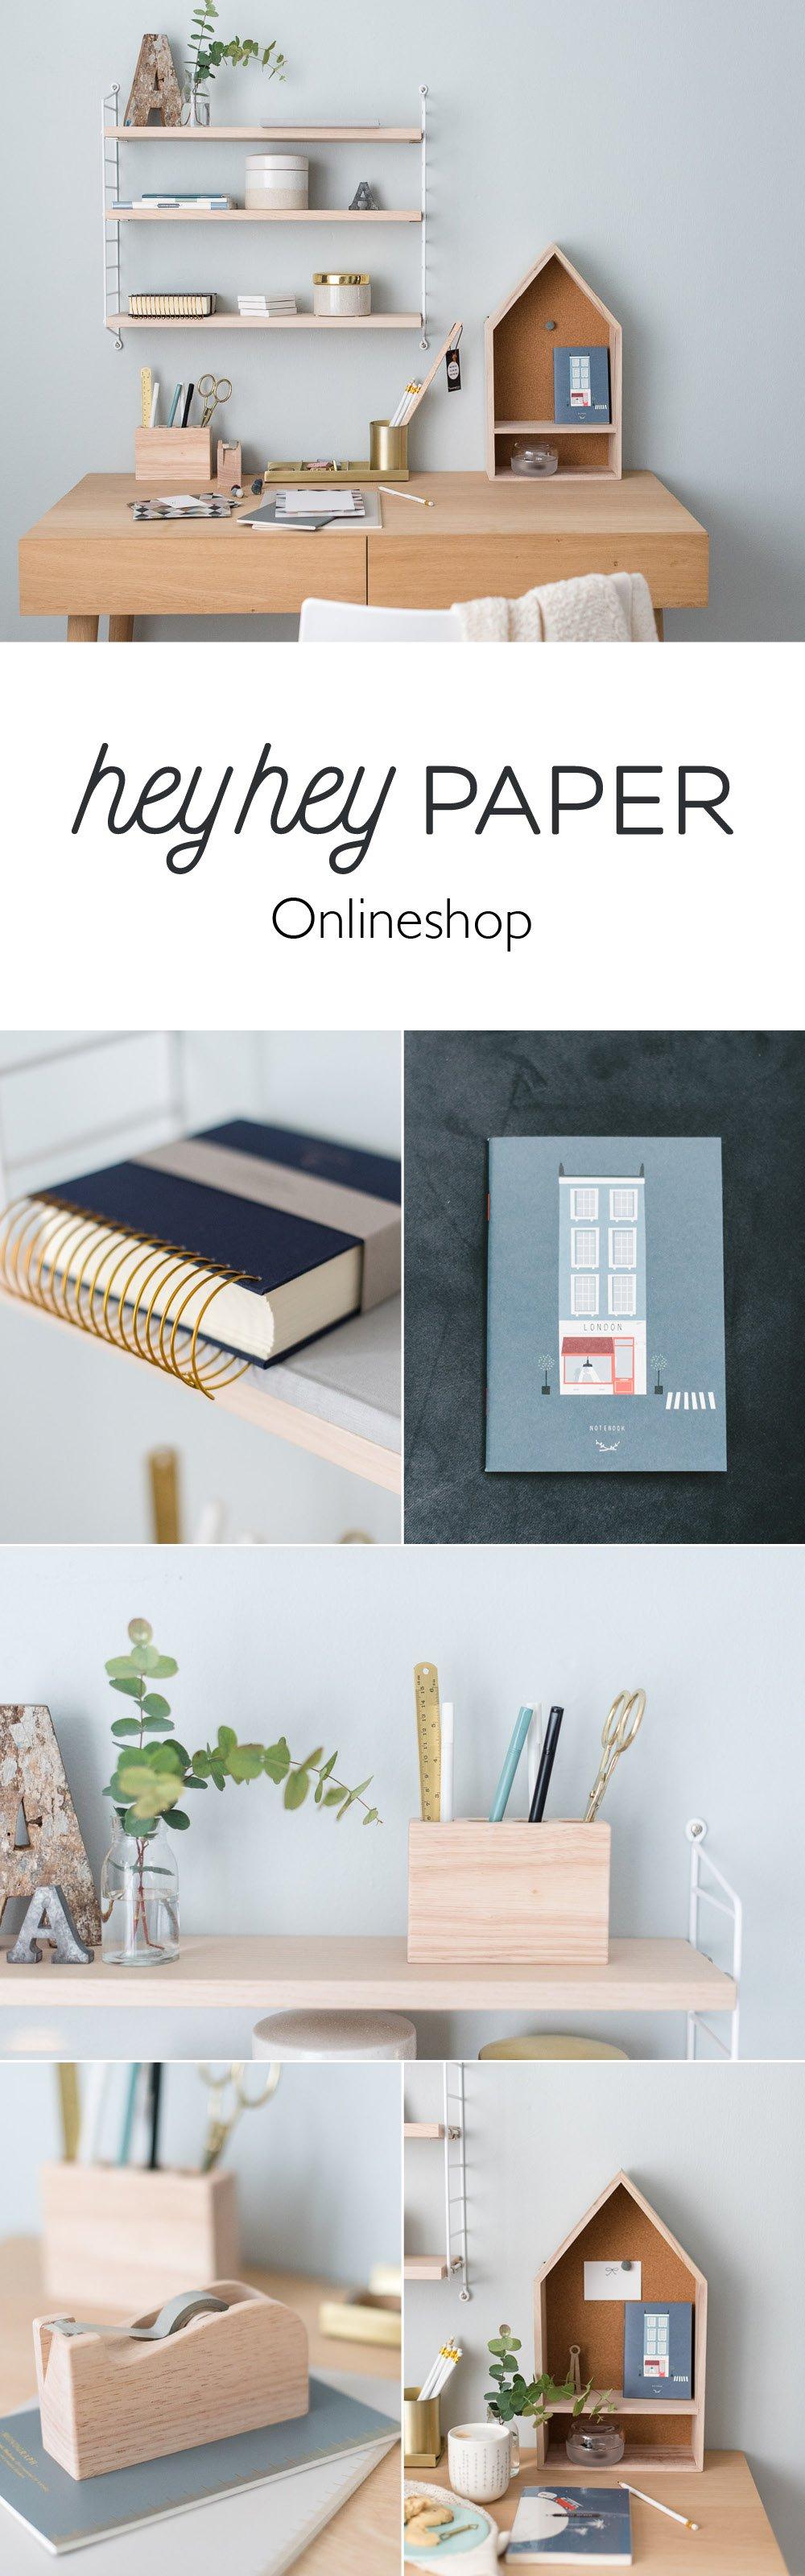 hey hey paper papeterie und office interior fr ulein k. Black Bedroom Furniture Sets. Home Design Ideas